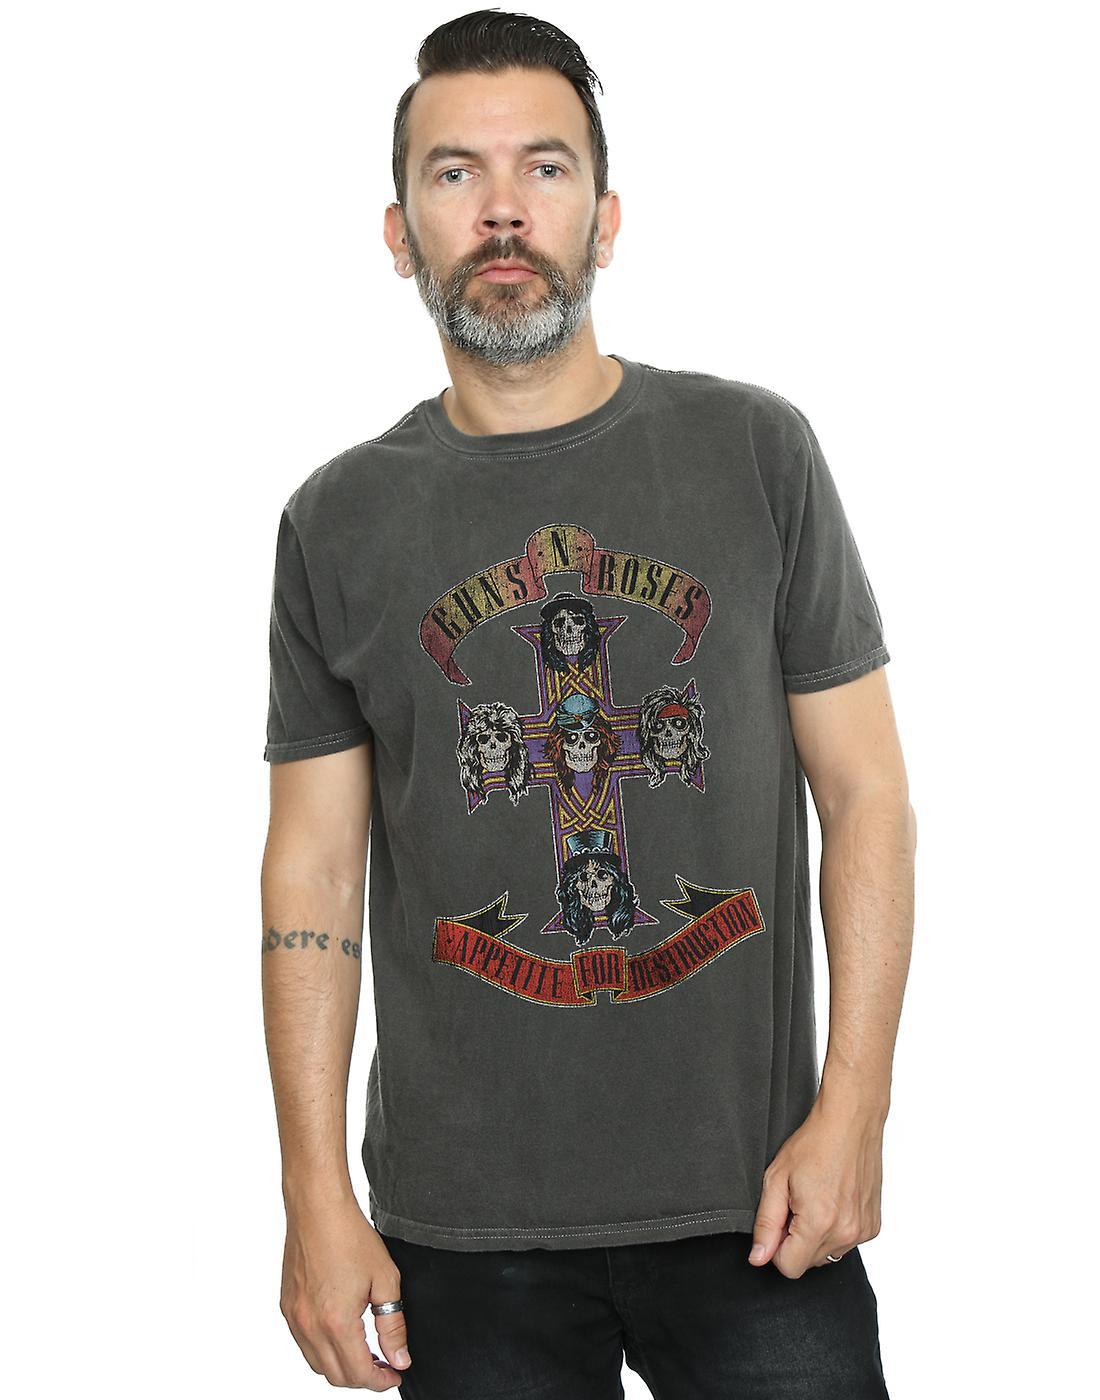 Guns N Roses Men's Distressed Appetite For Destruction Washed T-Shirt